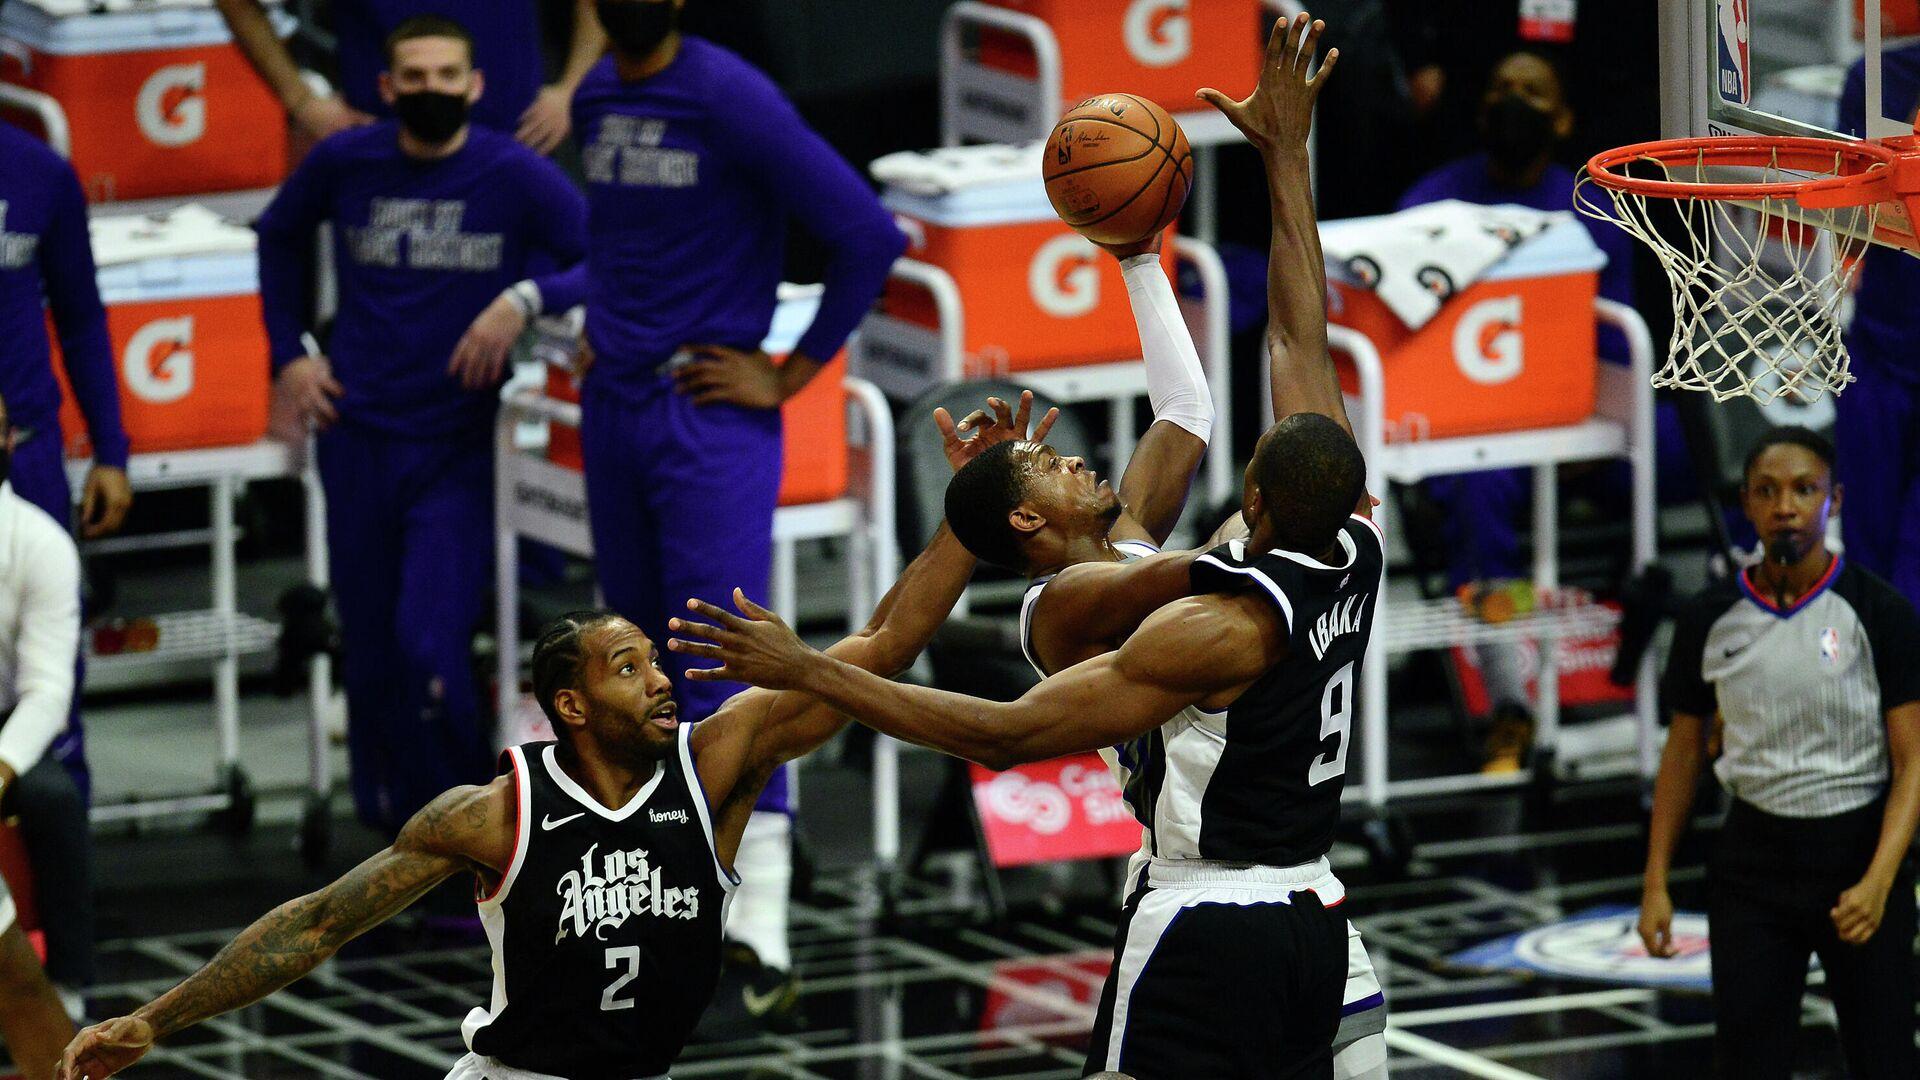 Игровой момент матча НБА Сакраменто - Лос-Анджелес Клипперс - РИА Новости, 1920, 07.04.2021